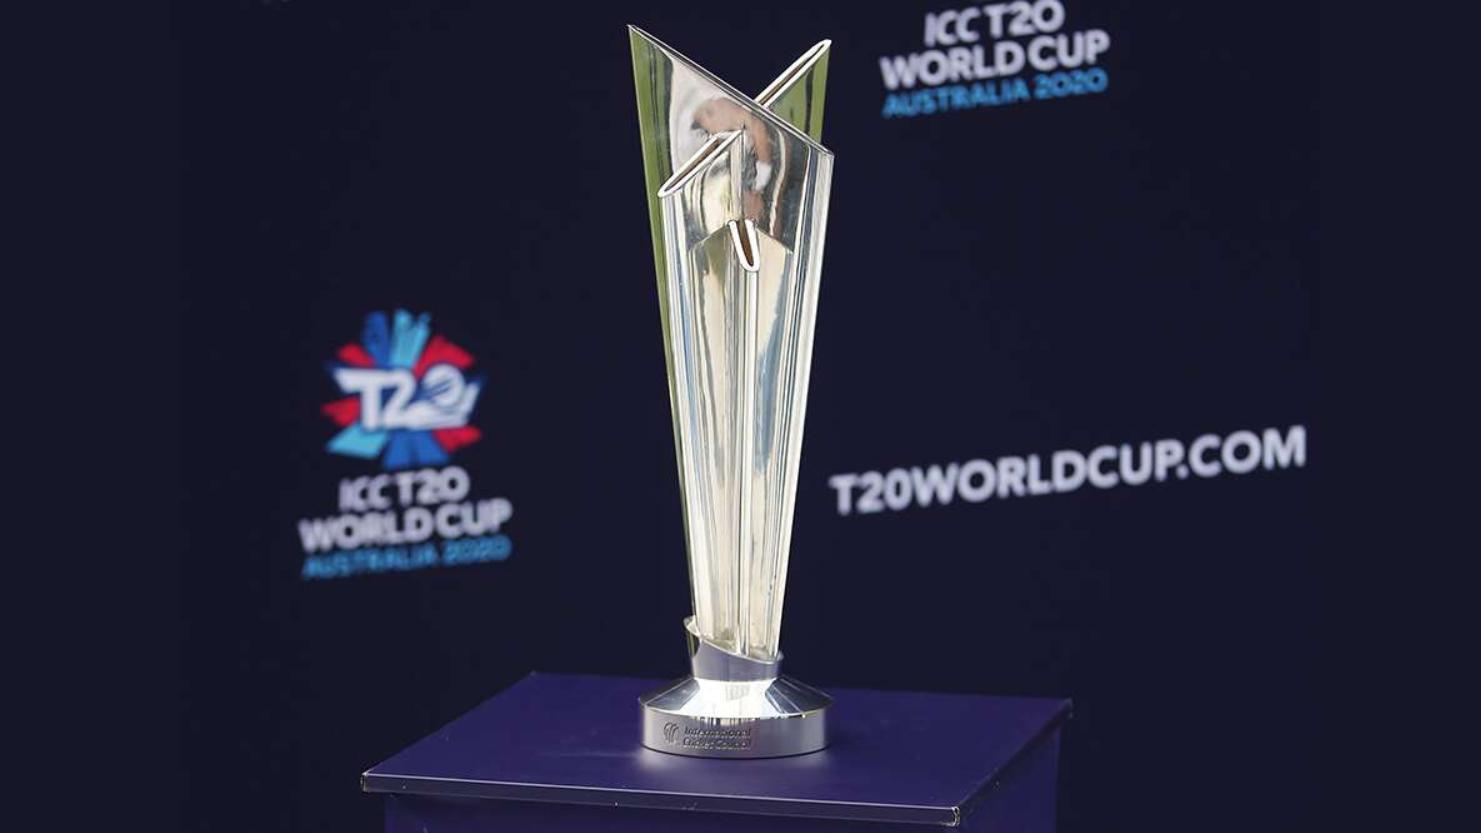 क्या कोरोना वायरस की वजह से रद्द हो जाएगा टी-20 विश्वकप ? आयोजकों ने खुद दिया जवाब